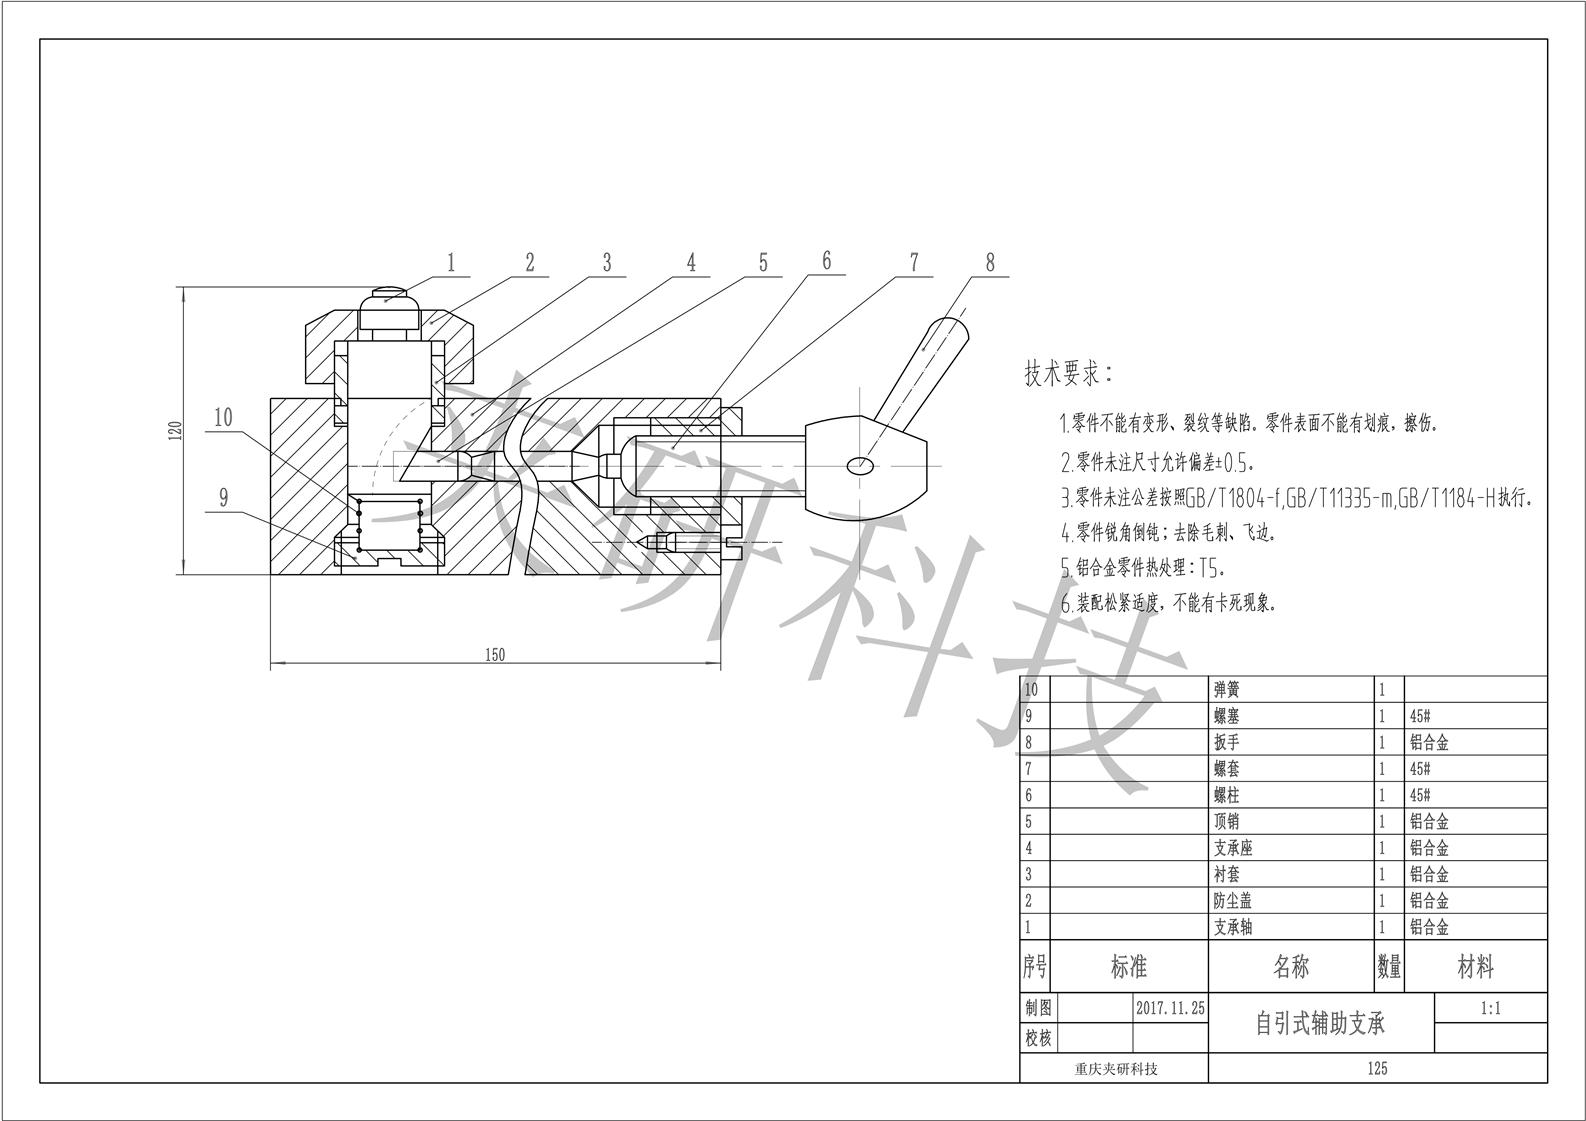 院校机床夹具设计模型-----自引式辅助支承  第1张